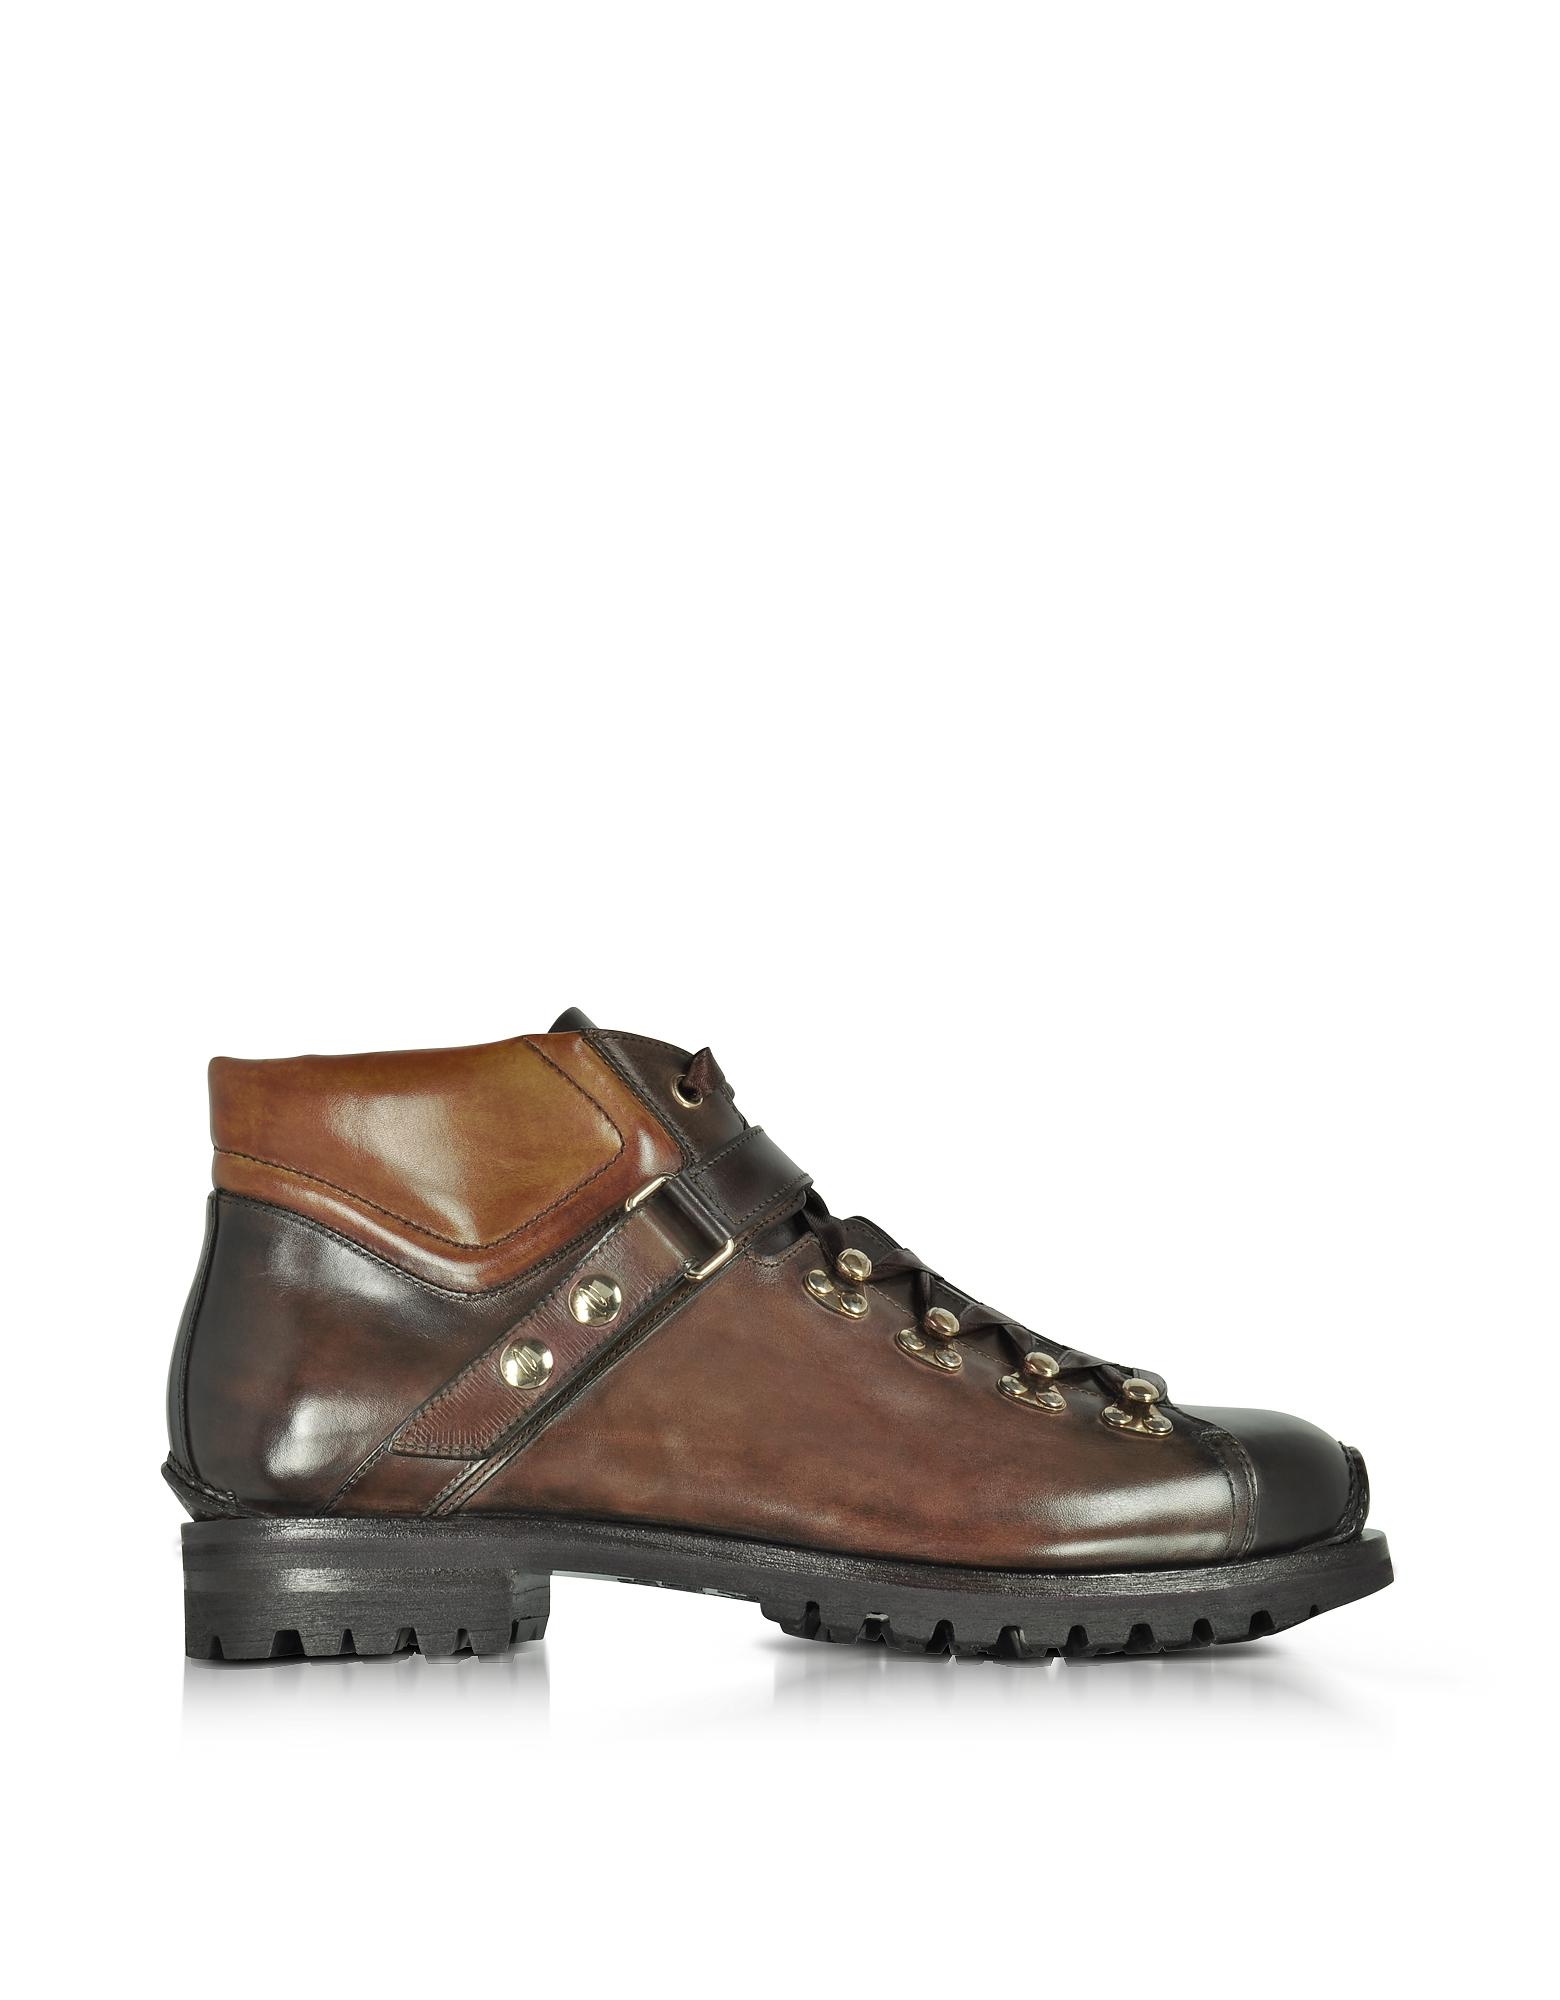 Santoni Shoes, Color Block Leather Men's Ankle Boots